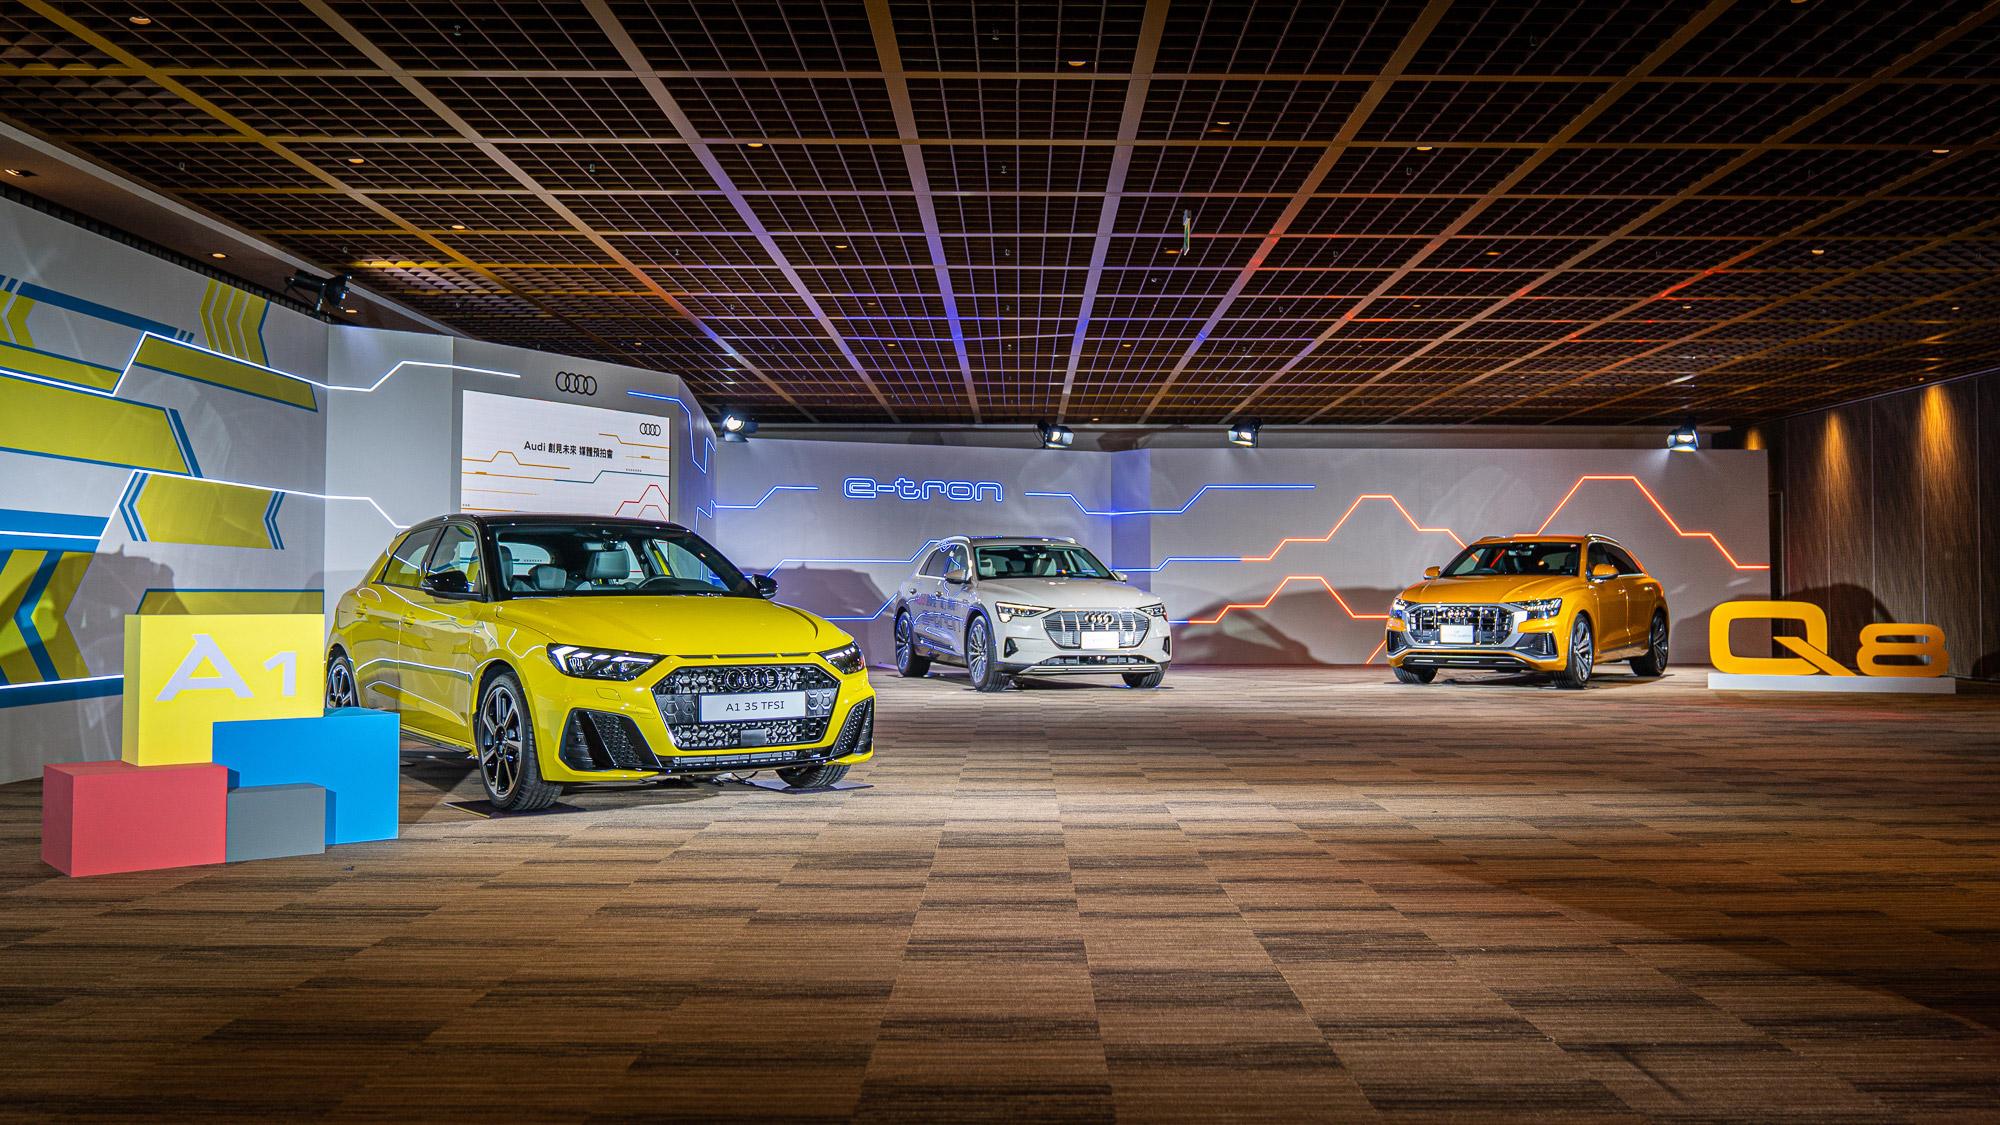 【2020 台北車展】 Q8 等 5 款新車同步曝光, Audi 車展陣容預告 2020 年產品佈局